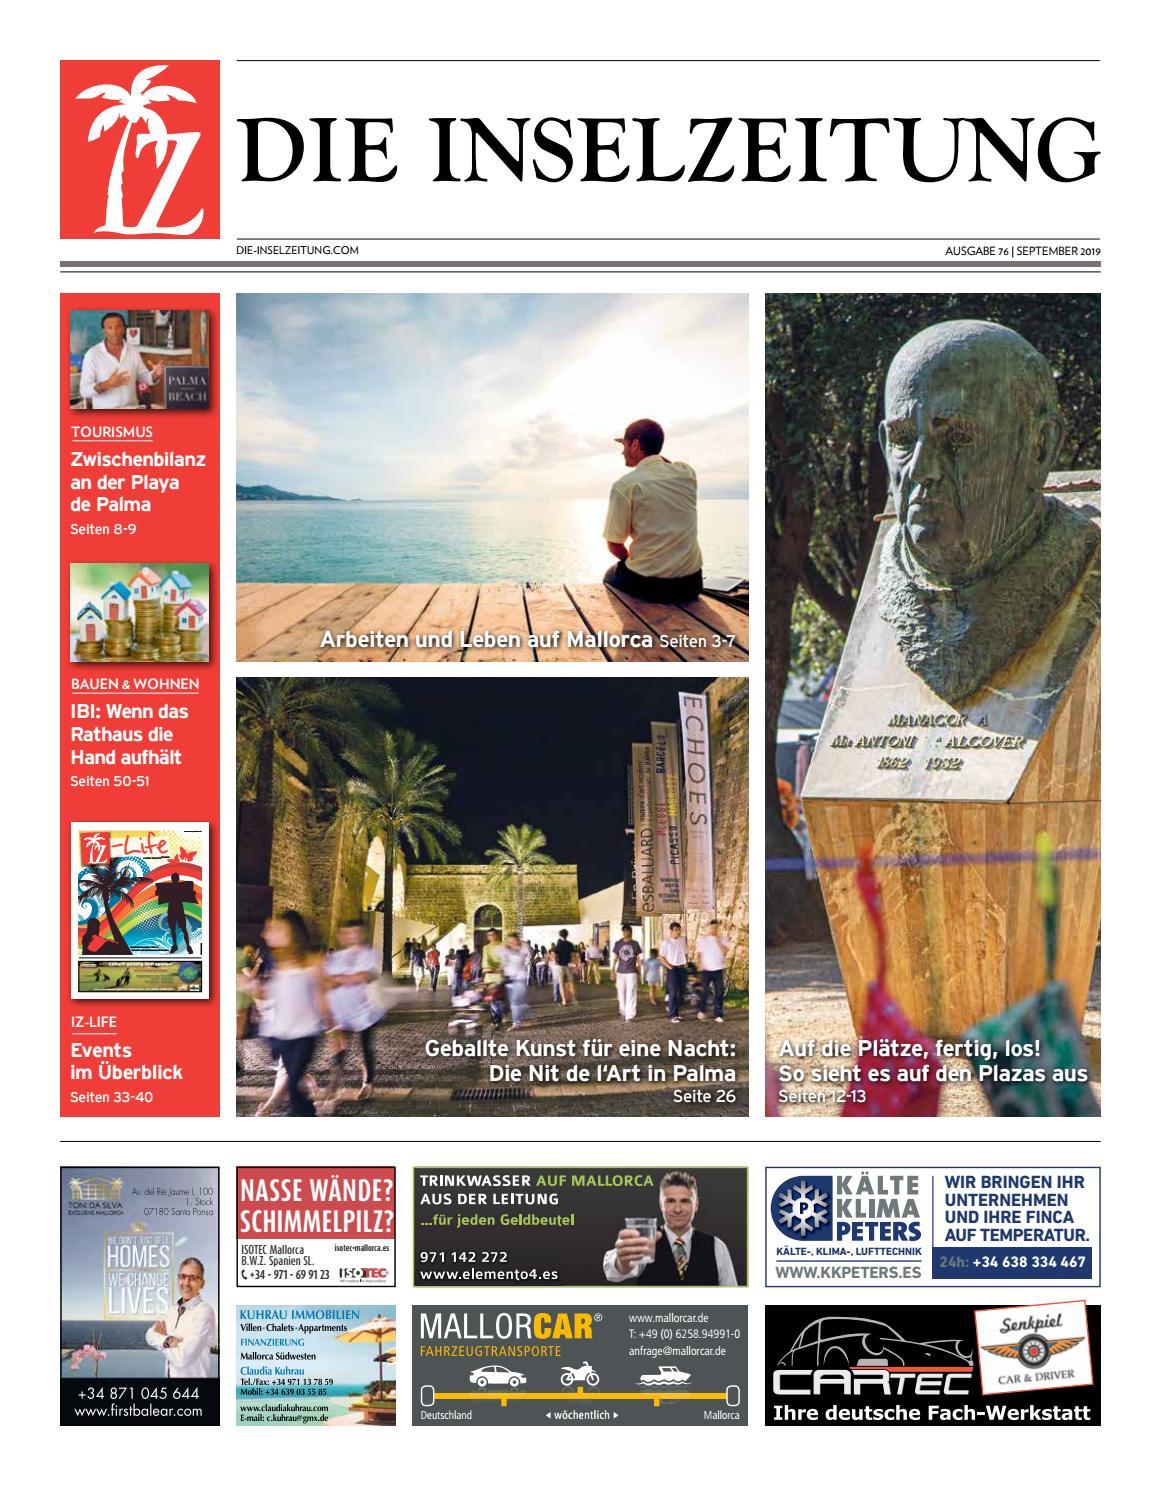 Die Inselzeitung Mallorca September 2019 by Die Inselzeitung